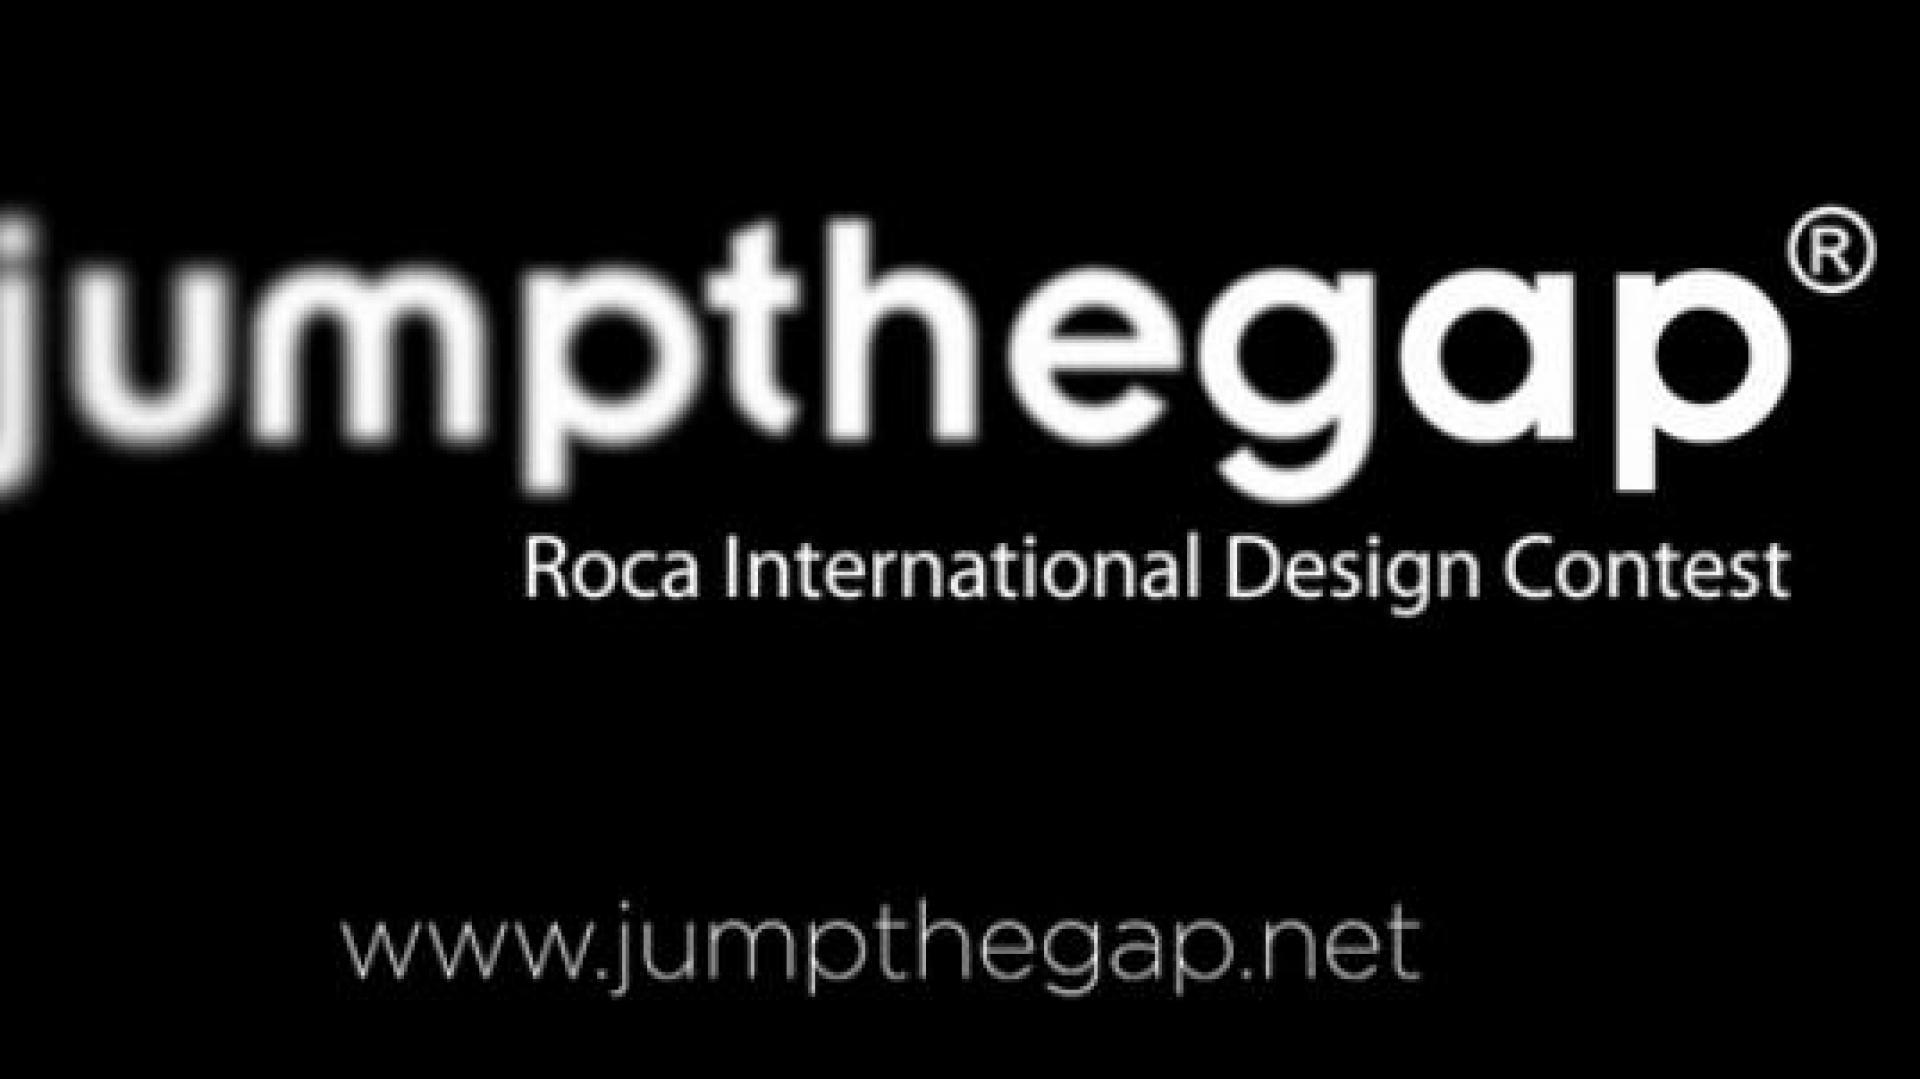 Konkurs Jump the Gap, organizowany przez markę Roca. Fot. Archiwum